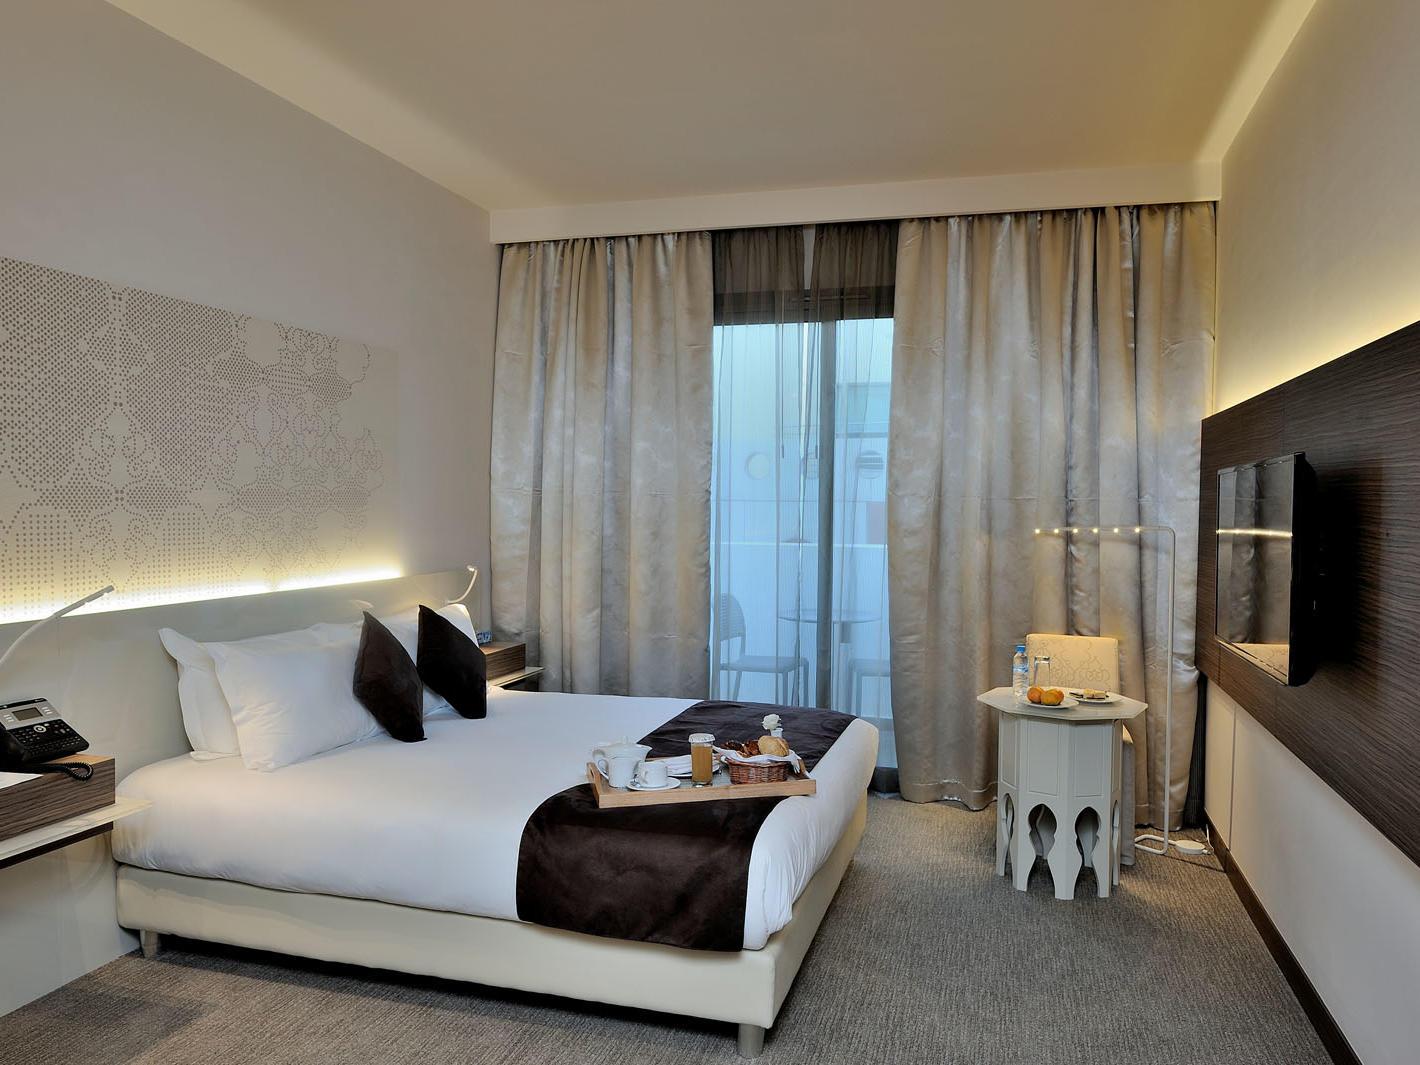 Superior Room at Kenzi Sidi Maarouf Hotel in Casablanca, Morocco